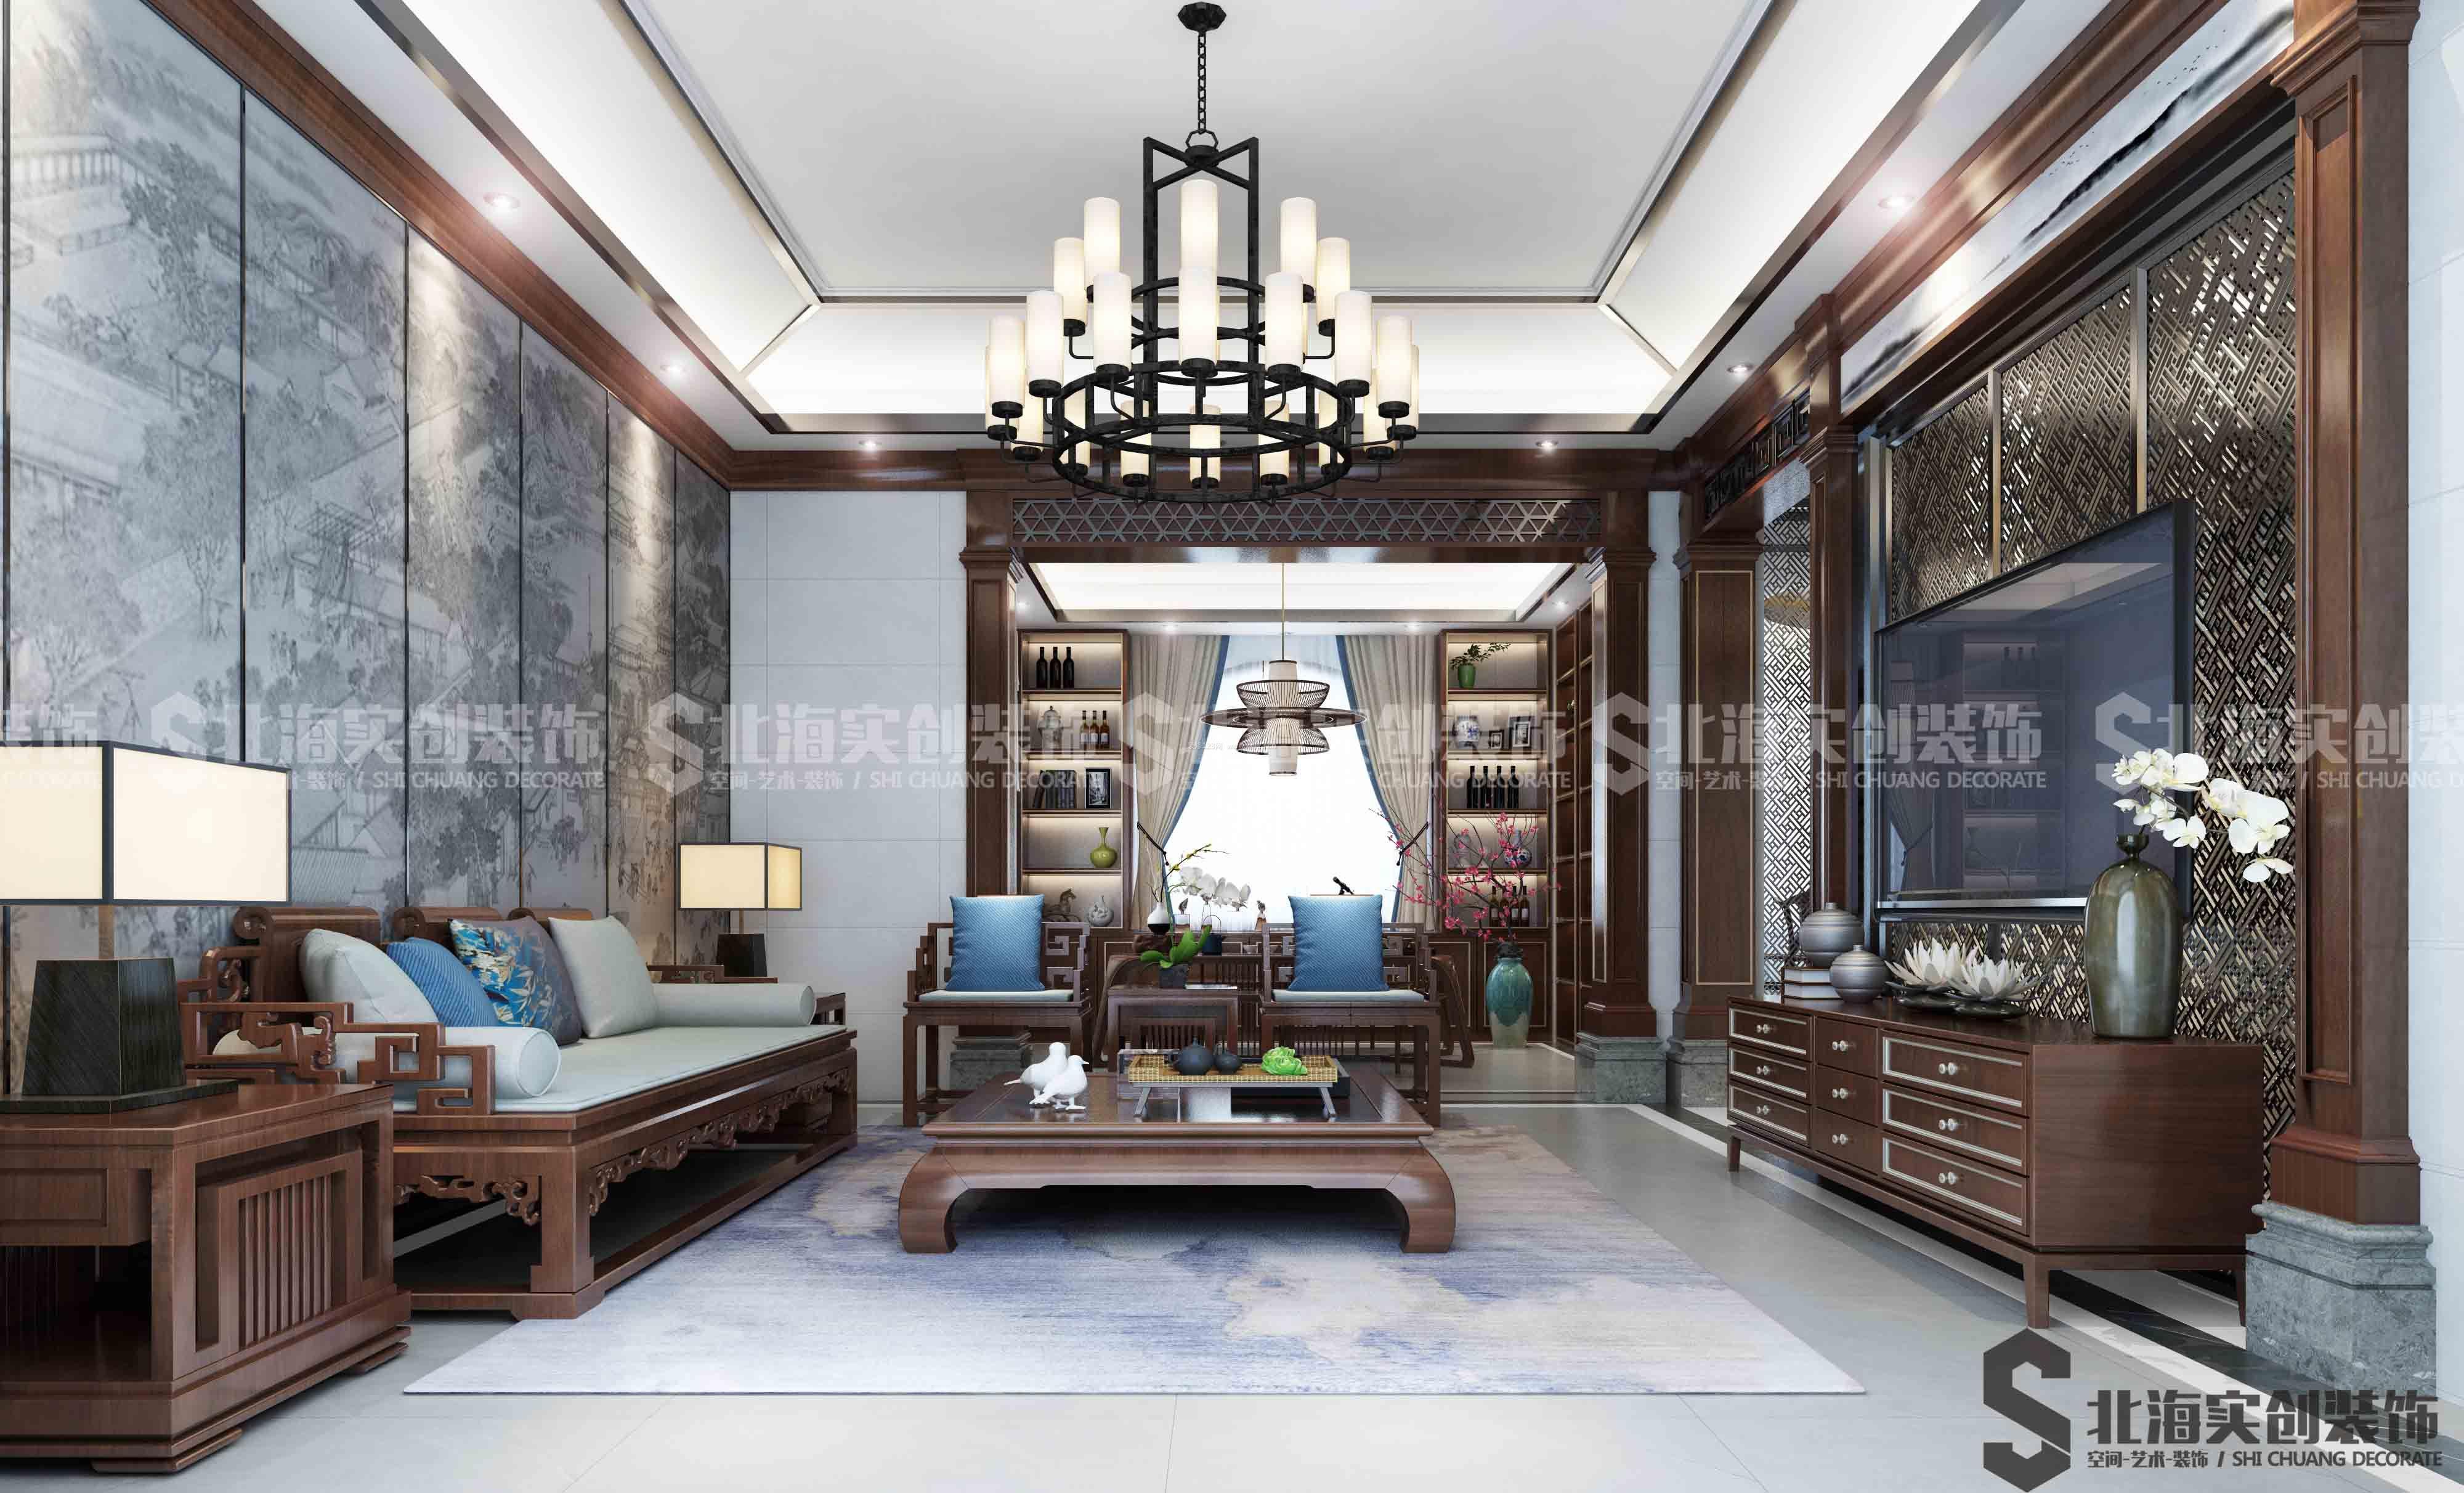 2018低调新中式客厅吊灯装修设计图片_装修123效果图